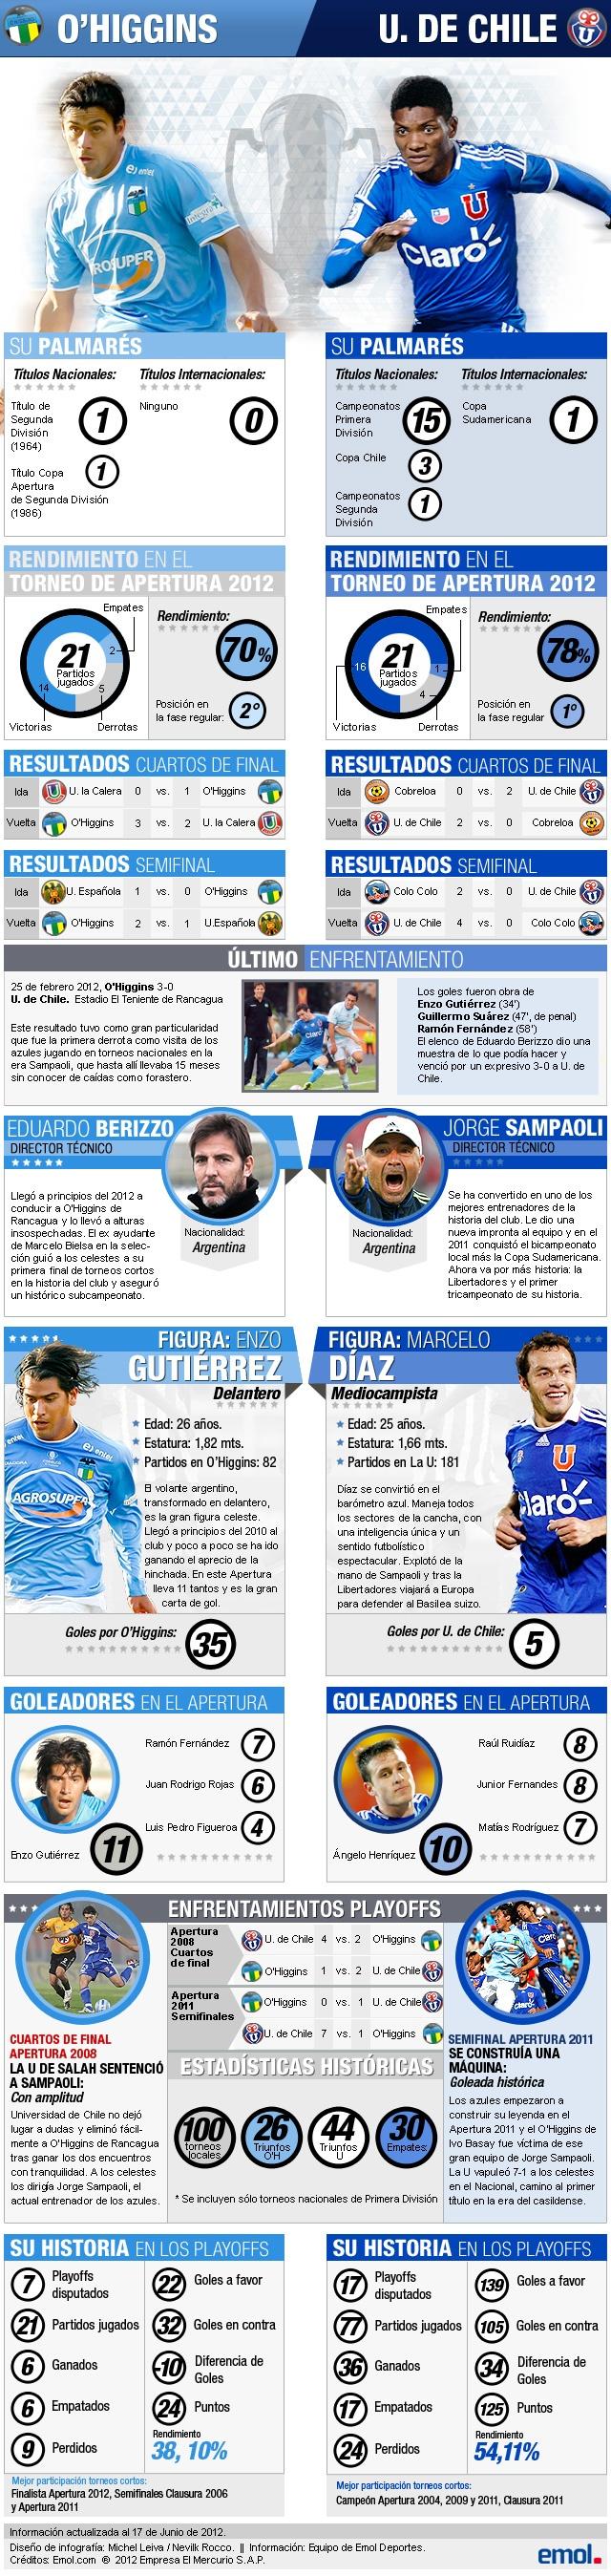 Repasa las estadísticas con las que O'Higgins y U. de Chile llegan a la final del Apertura